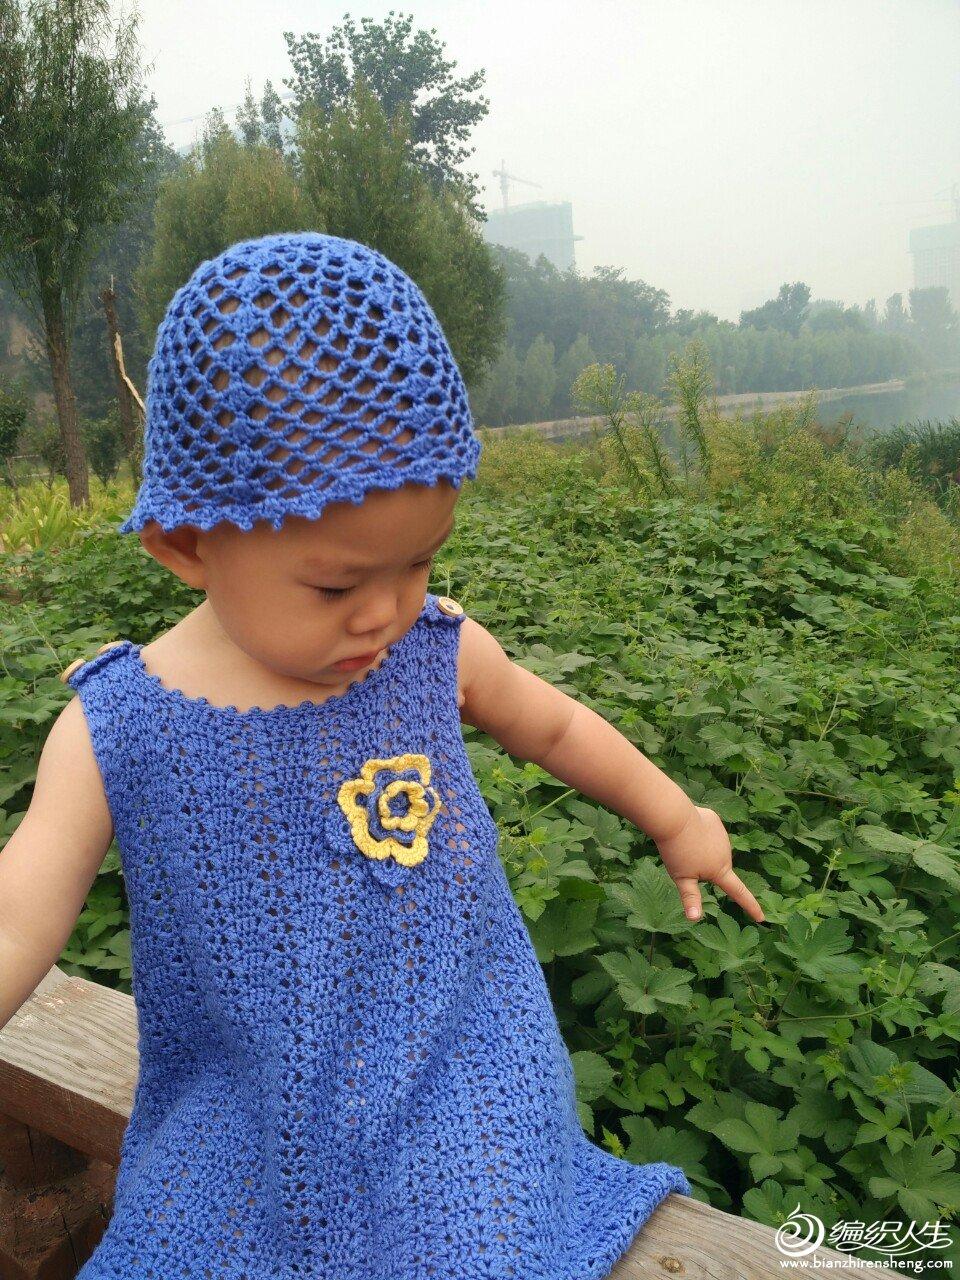 钩针婴幼儿肩开扣背心裙及钩针花朵网帽